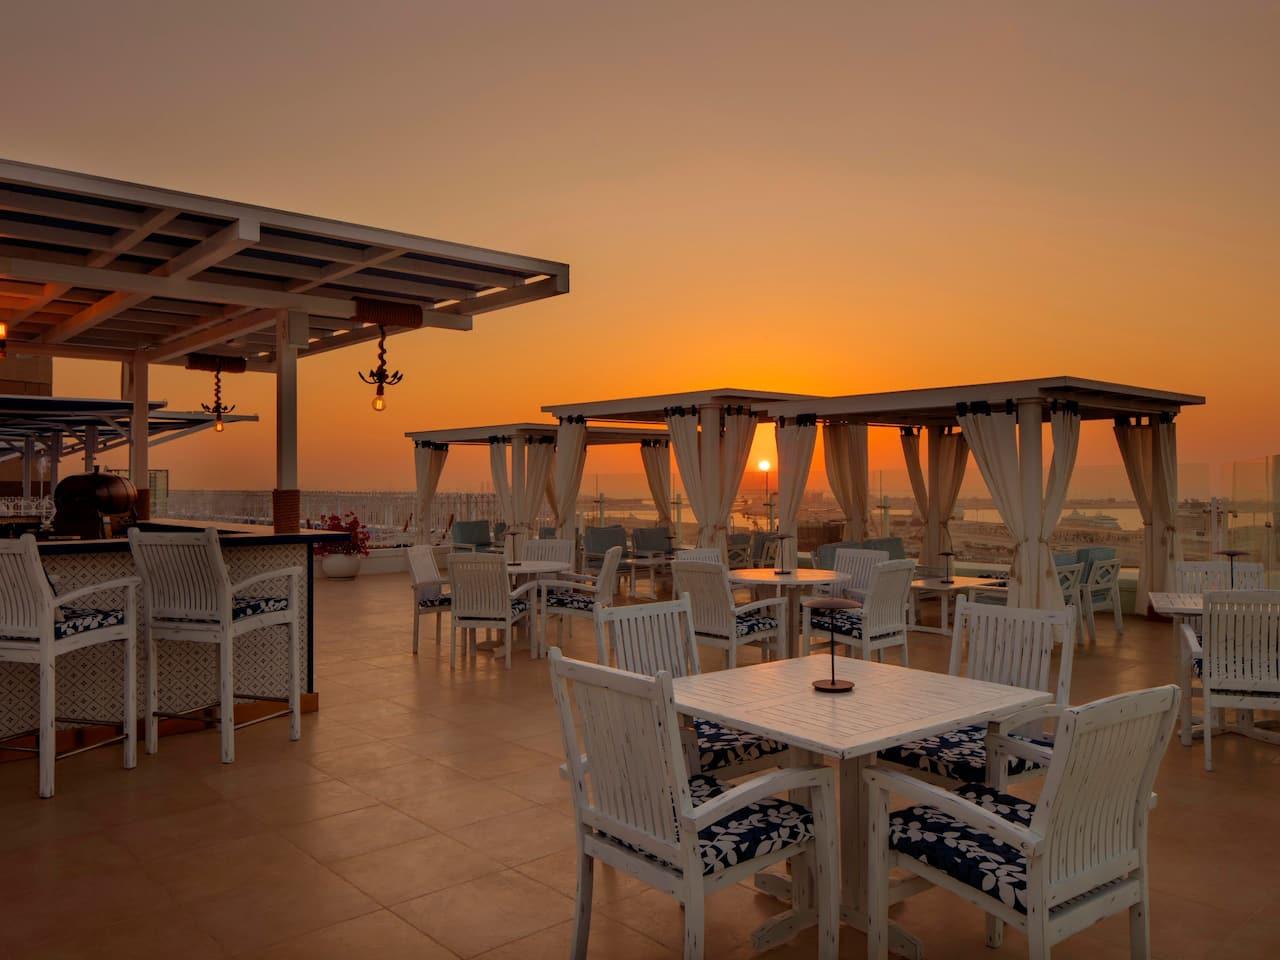 Helios | Greek Rooftop Lounge in Dubai